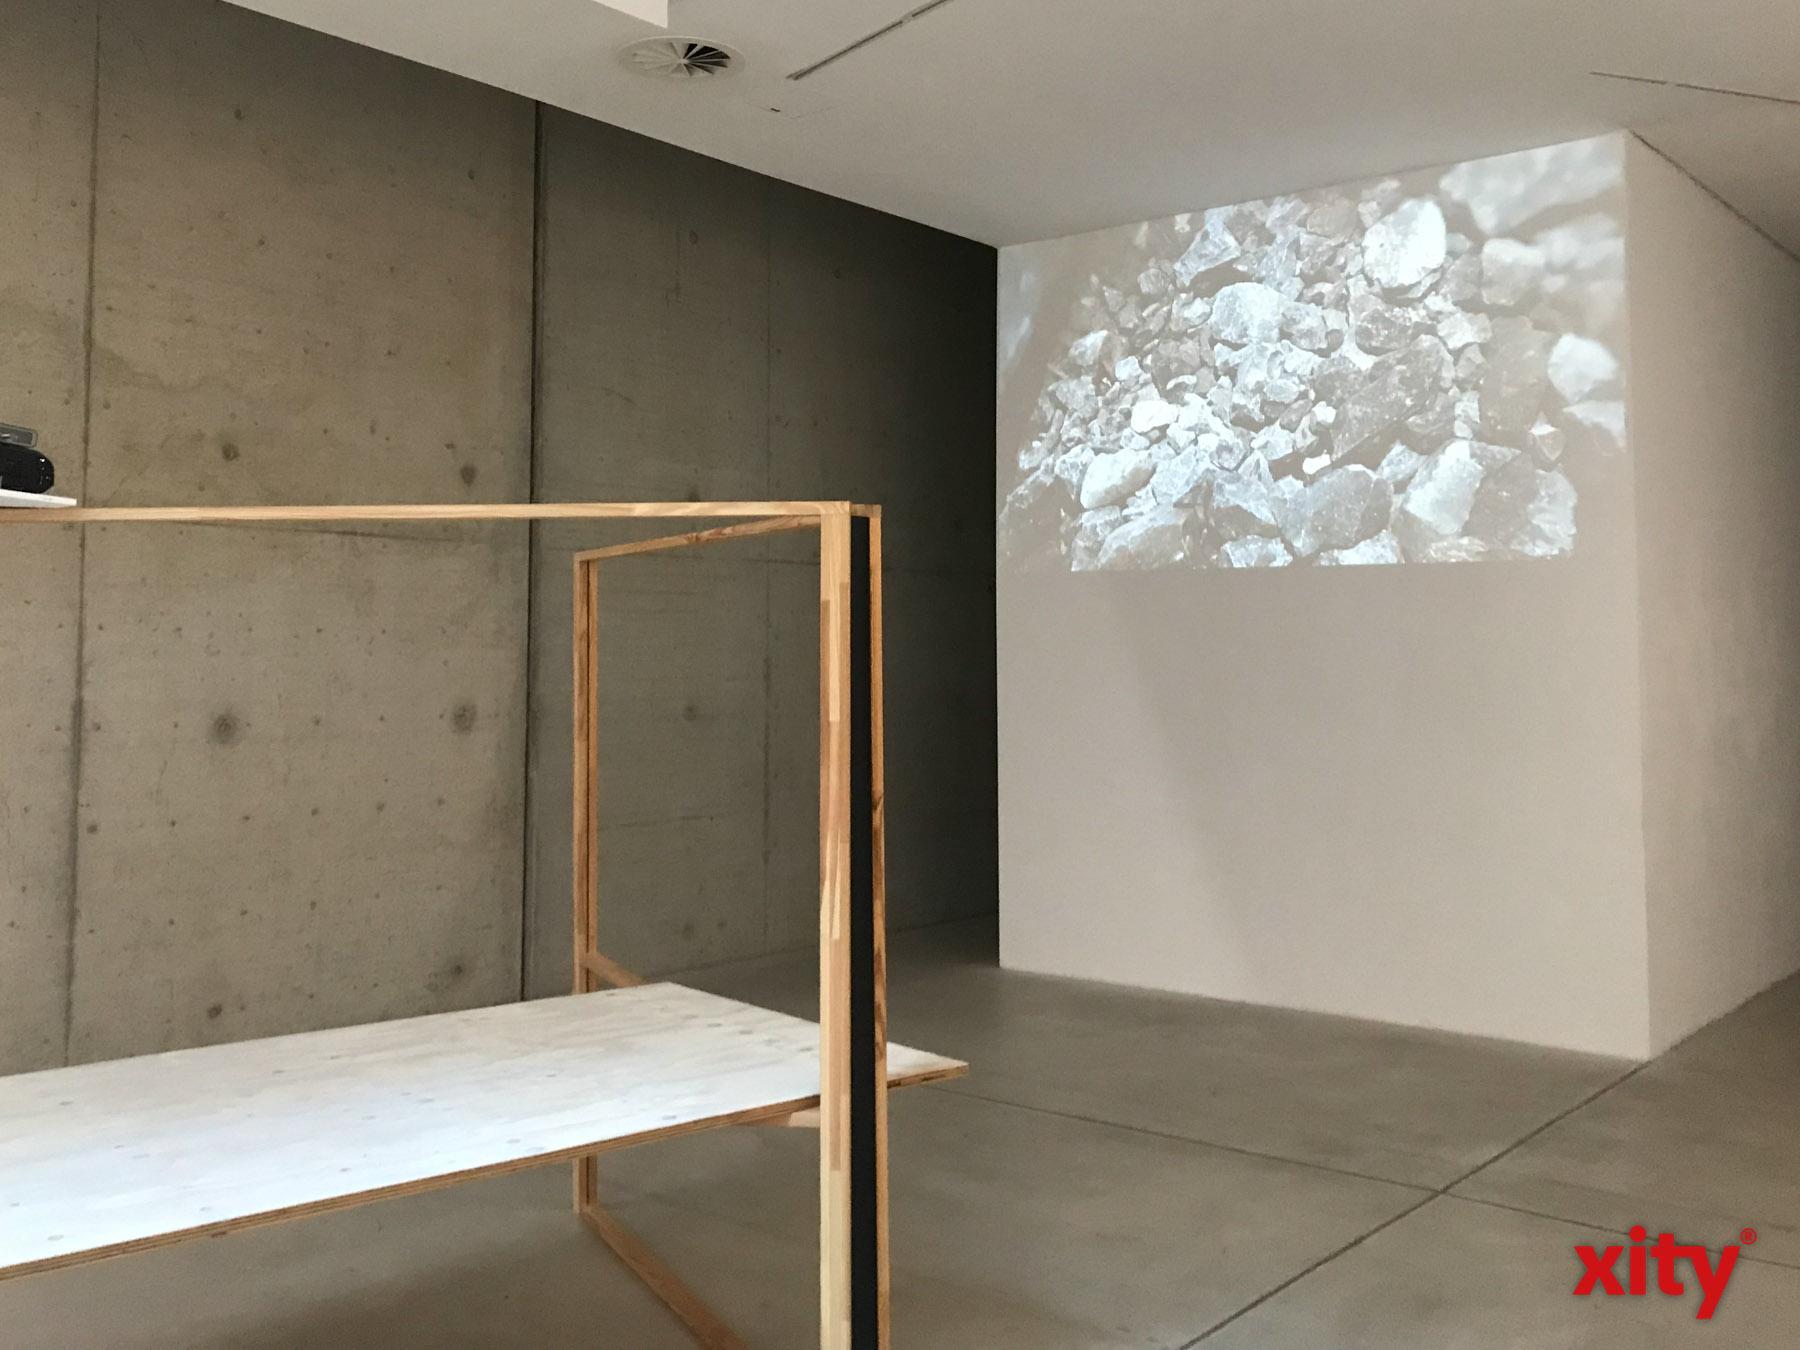 """Die Ausstellung zum Projekt """"Concrete Delusion"""" ist bis zum 27. Februar 2019 im KiT zu sehen (Foto: xity)"""